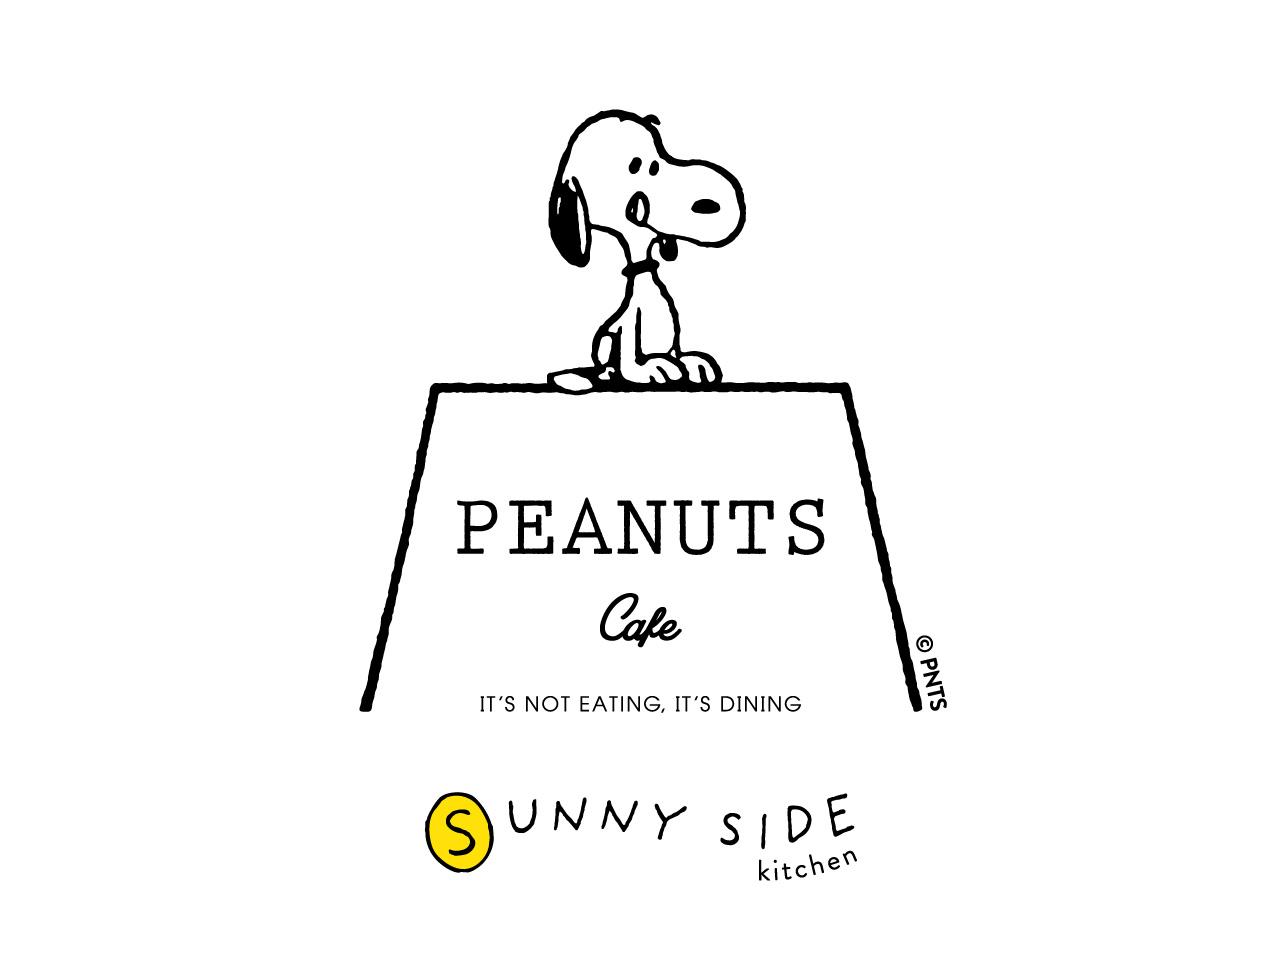 【新業態】わたしの1日をしあわせにする、すこやかな食の時間。「PEANUTS Cafe SUNNY SIDE kitchen」オープンのお知らせ<br><br>/PEANUTS Cafe